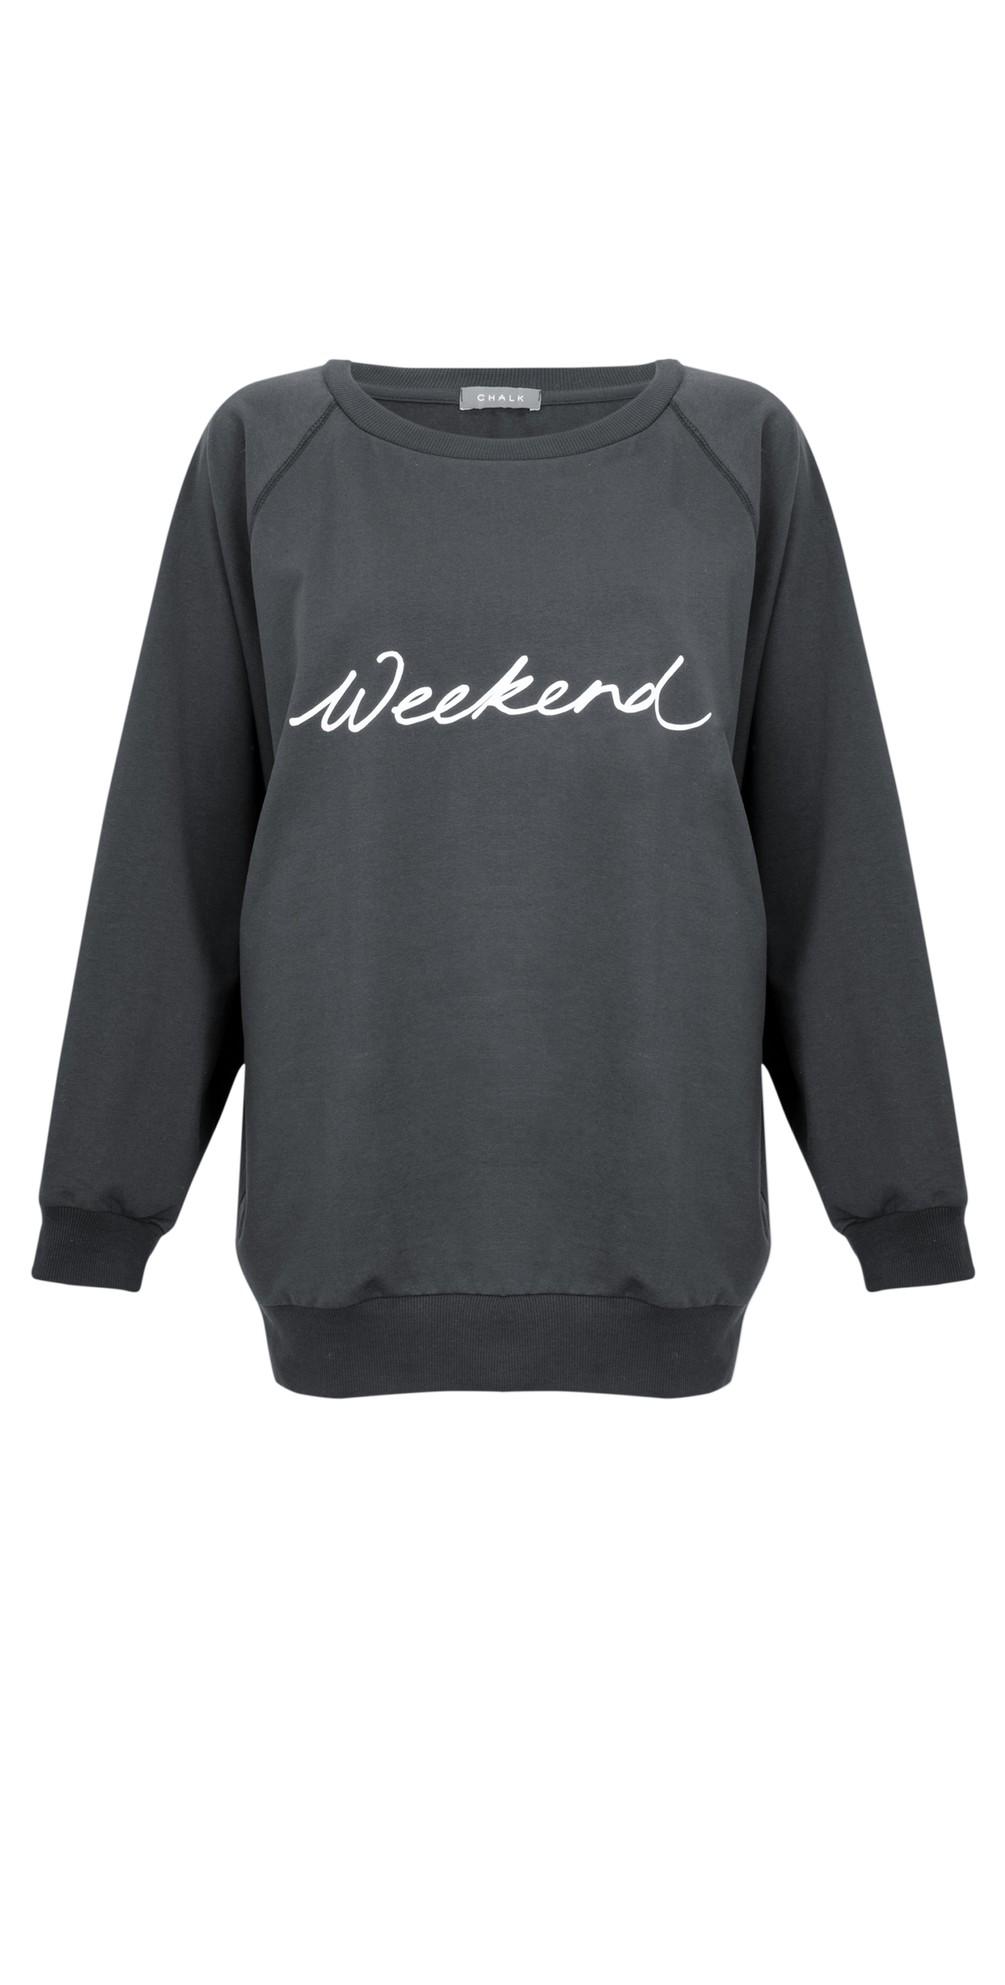 Nancy Weekend Oversized Comfy Sweatshirt main image